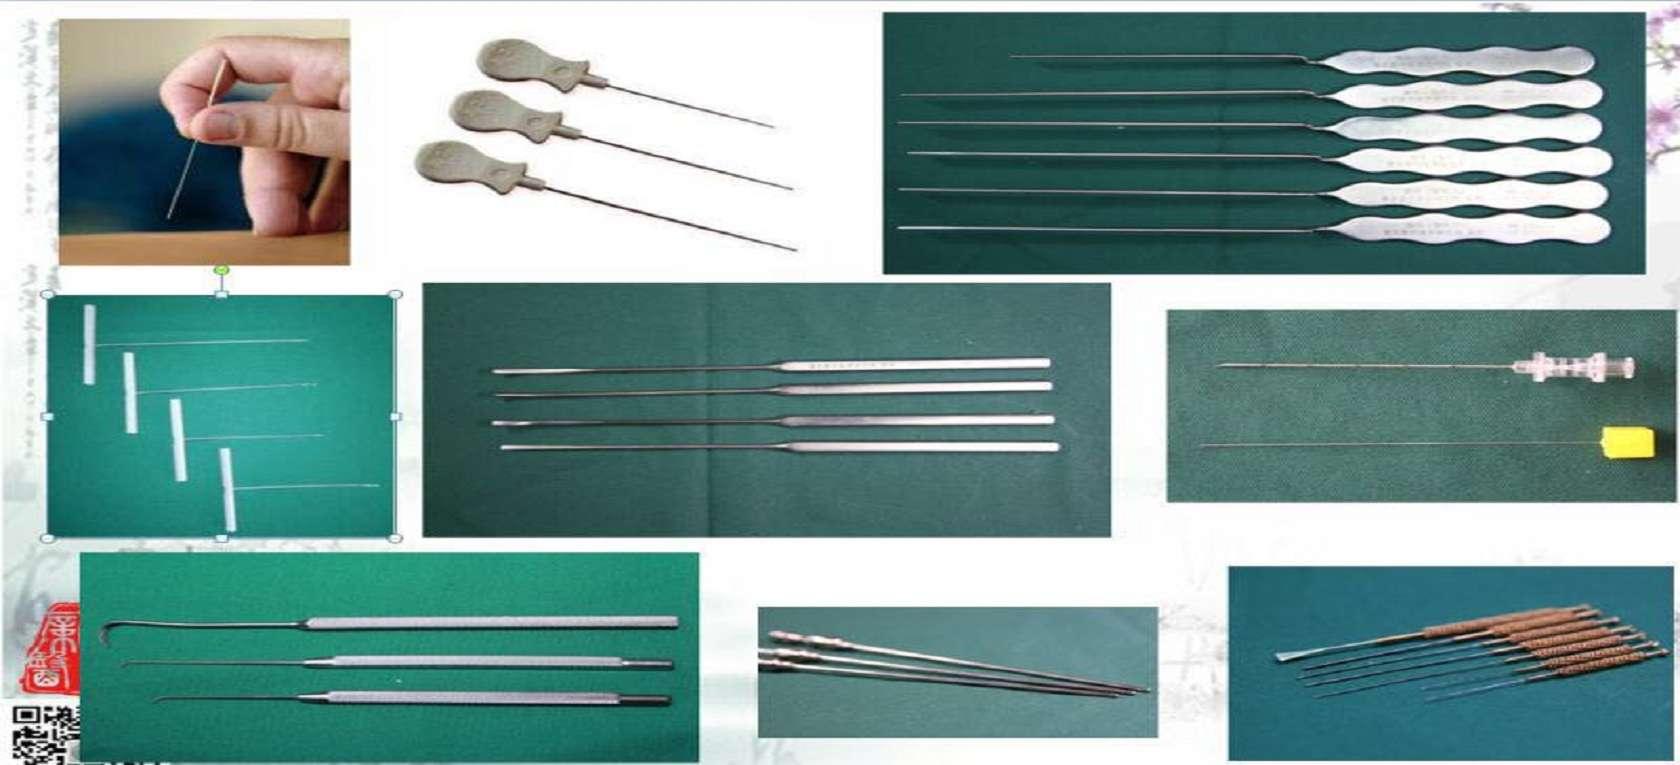 (针刀、骨减压针、拨针、椎间盘针)临床精细实用解剖高级研修班